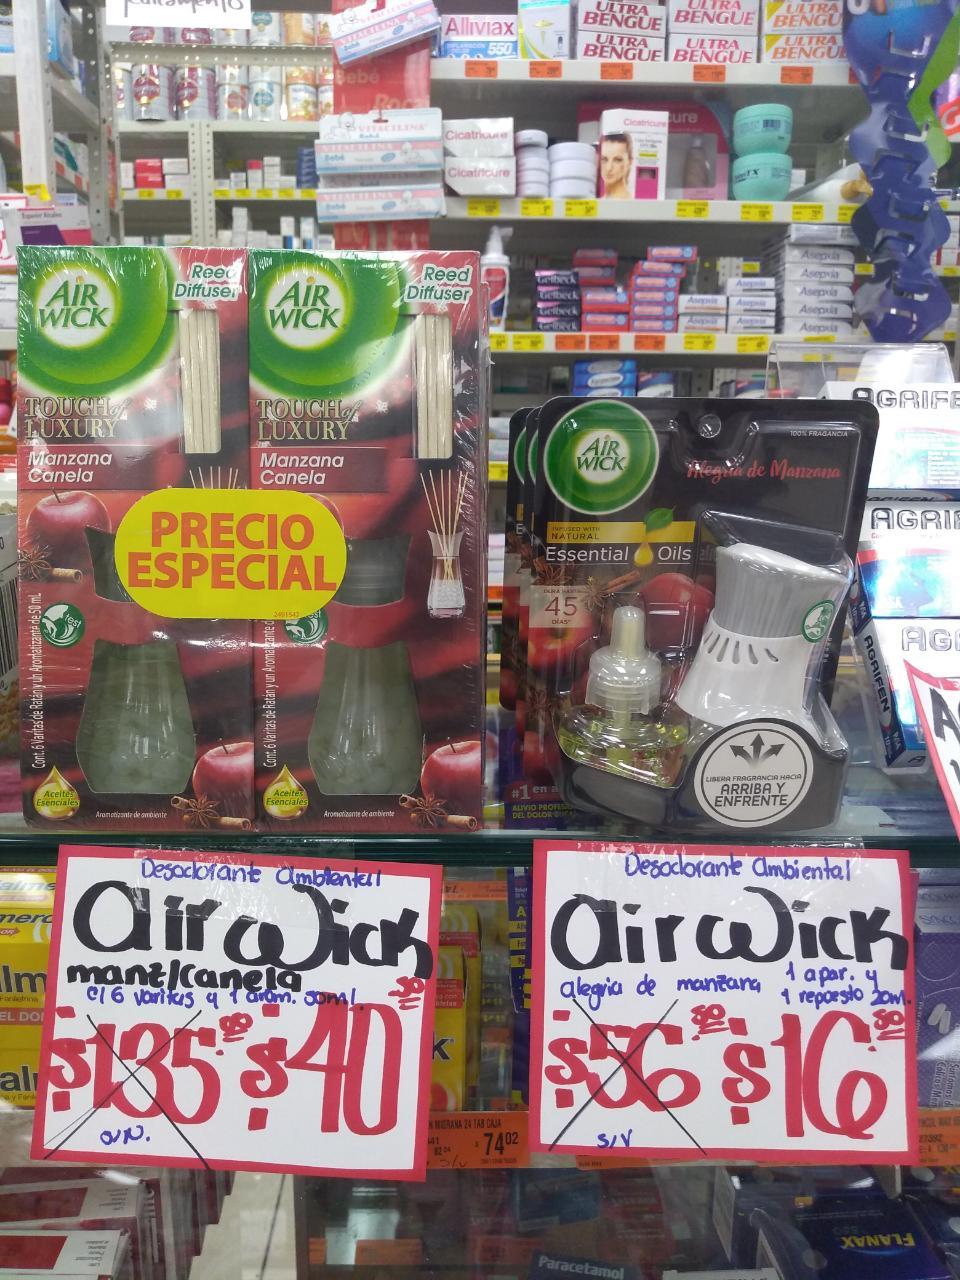 Farmacias Guadalajara: Desodorante Ambiental aromas Navidad 70 % desc